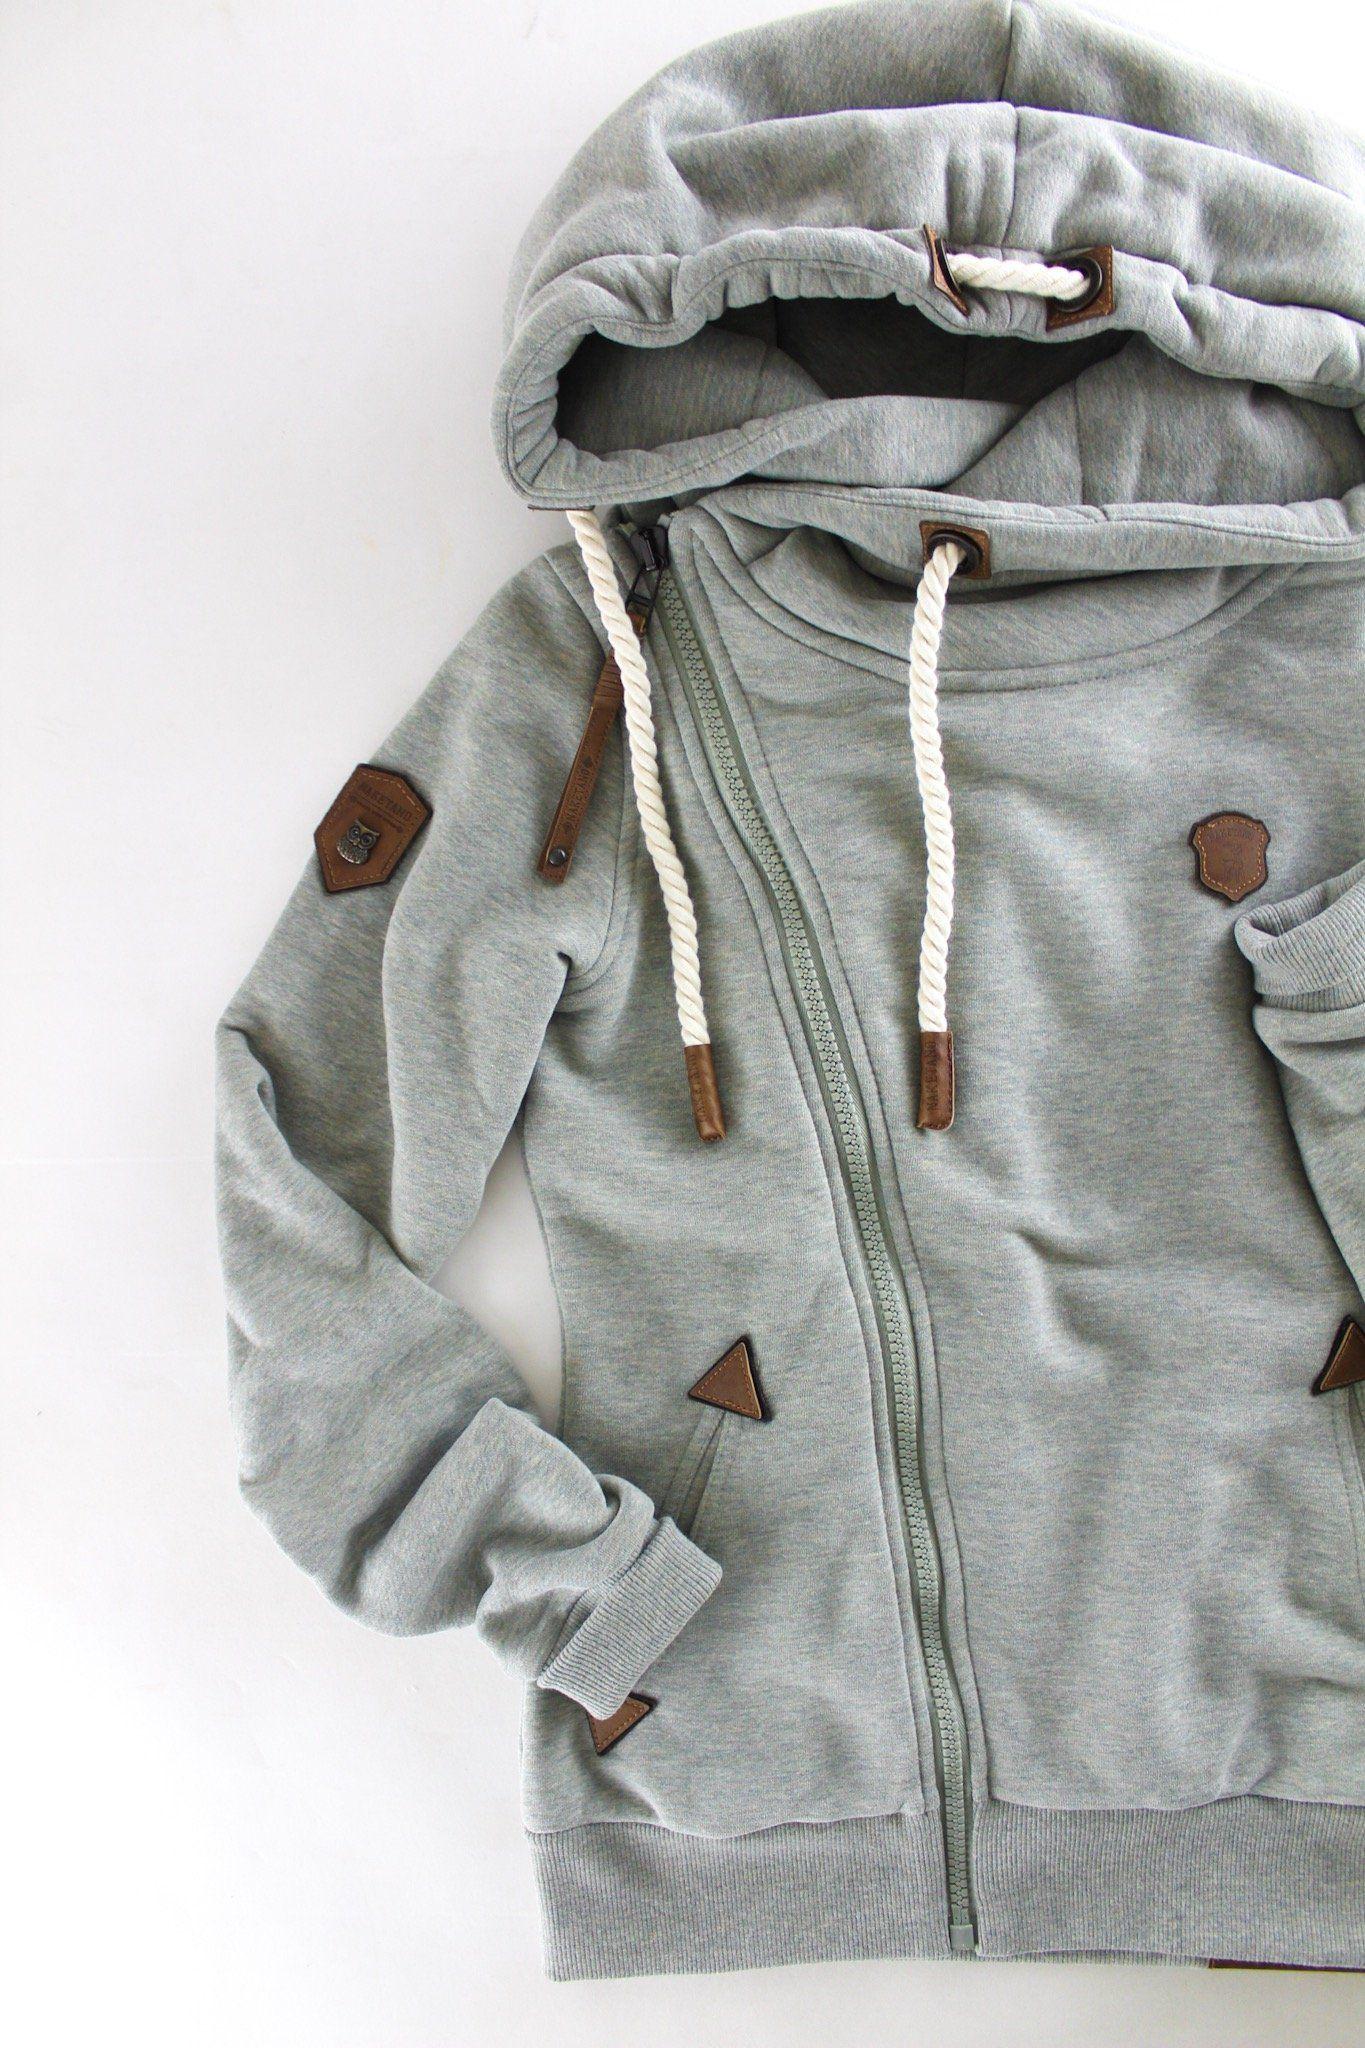 NAKETANO •brave new world• sweatshirt